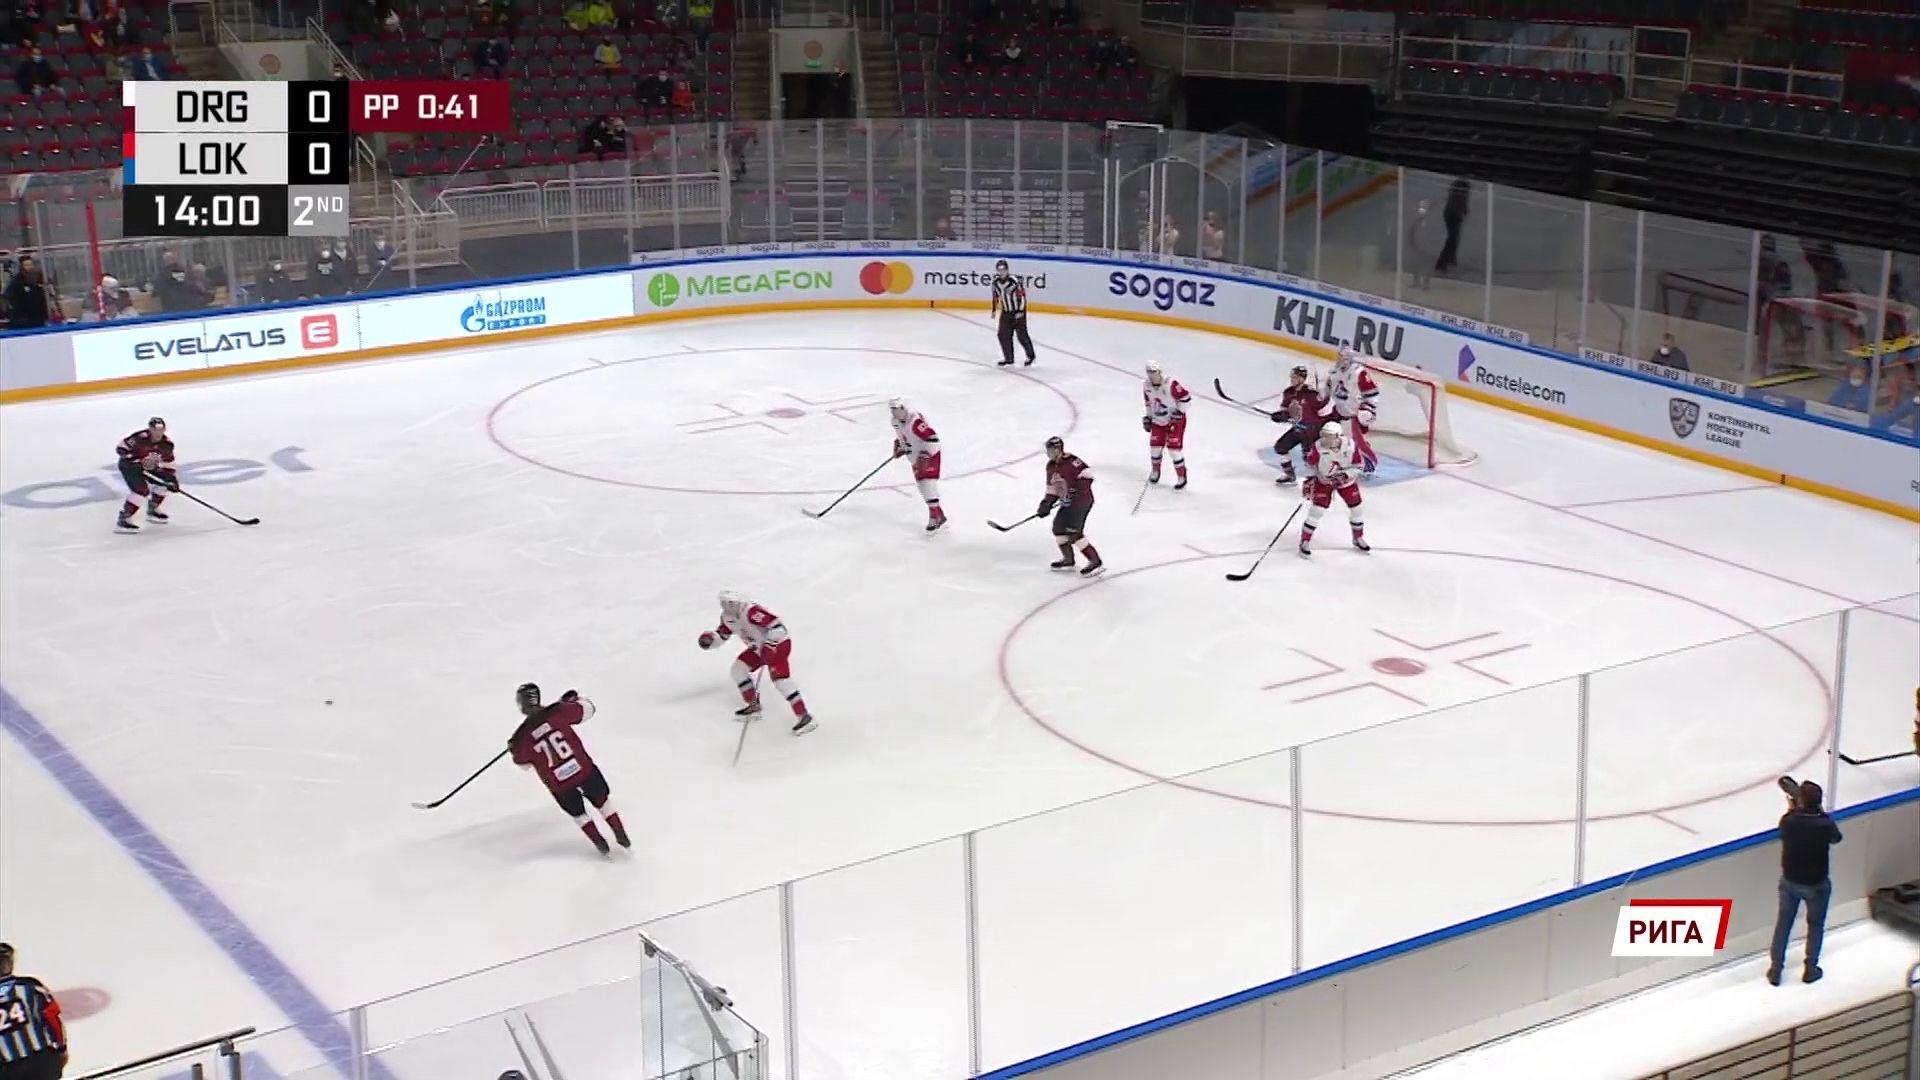 «Локомотив» в гостях выиграл у рижского «Динамо» в очередном матче регулярного чемпионата КХЛ